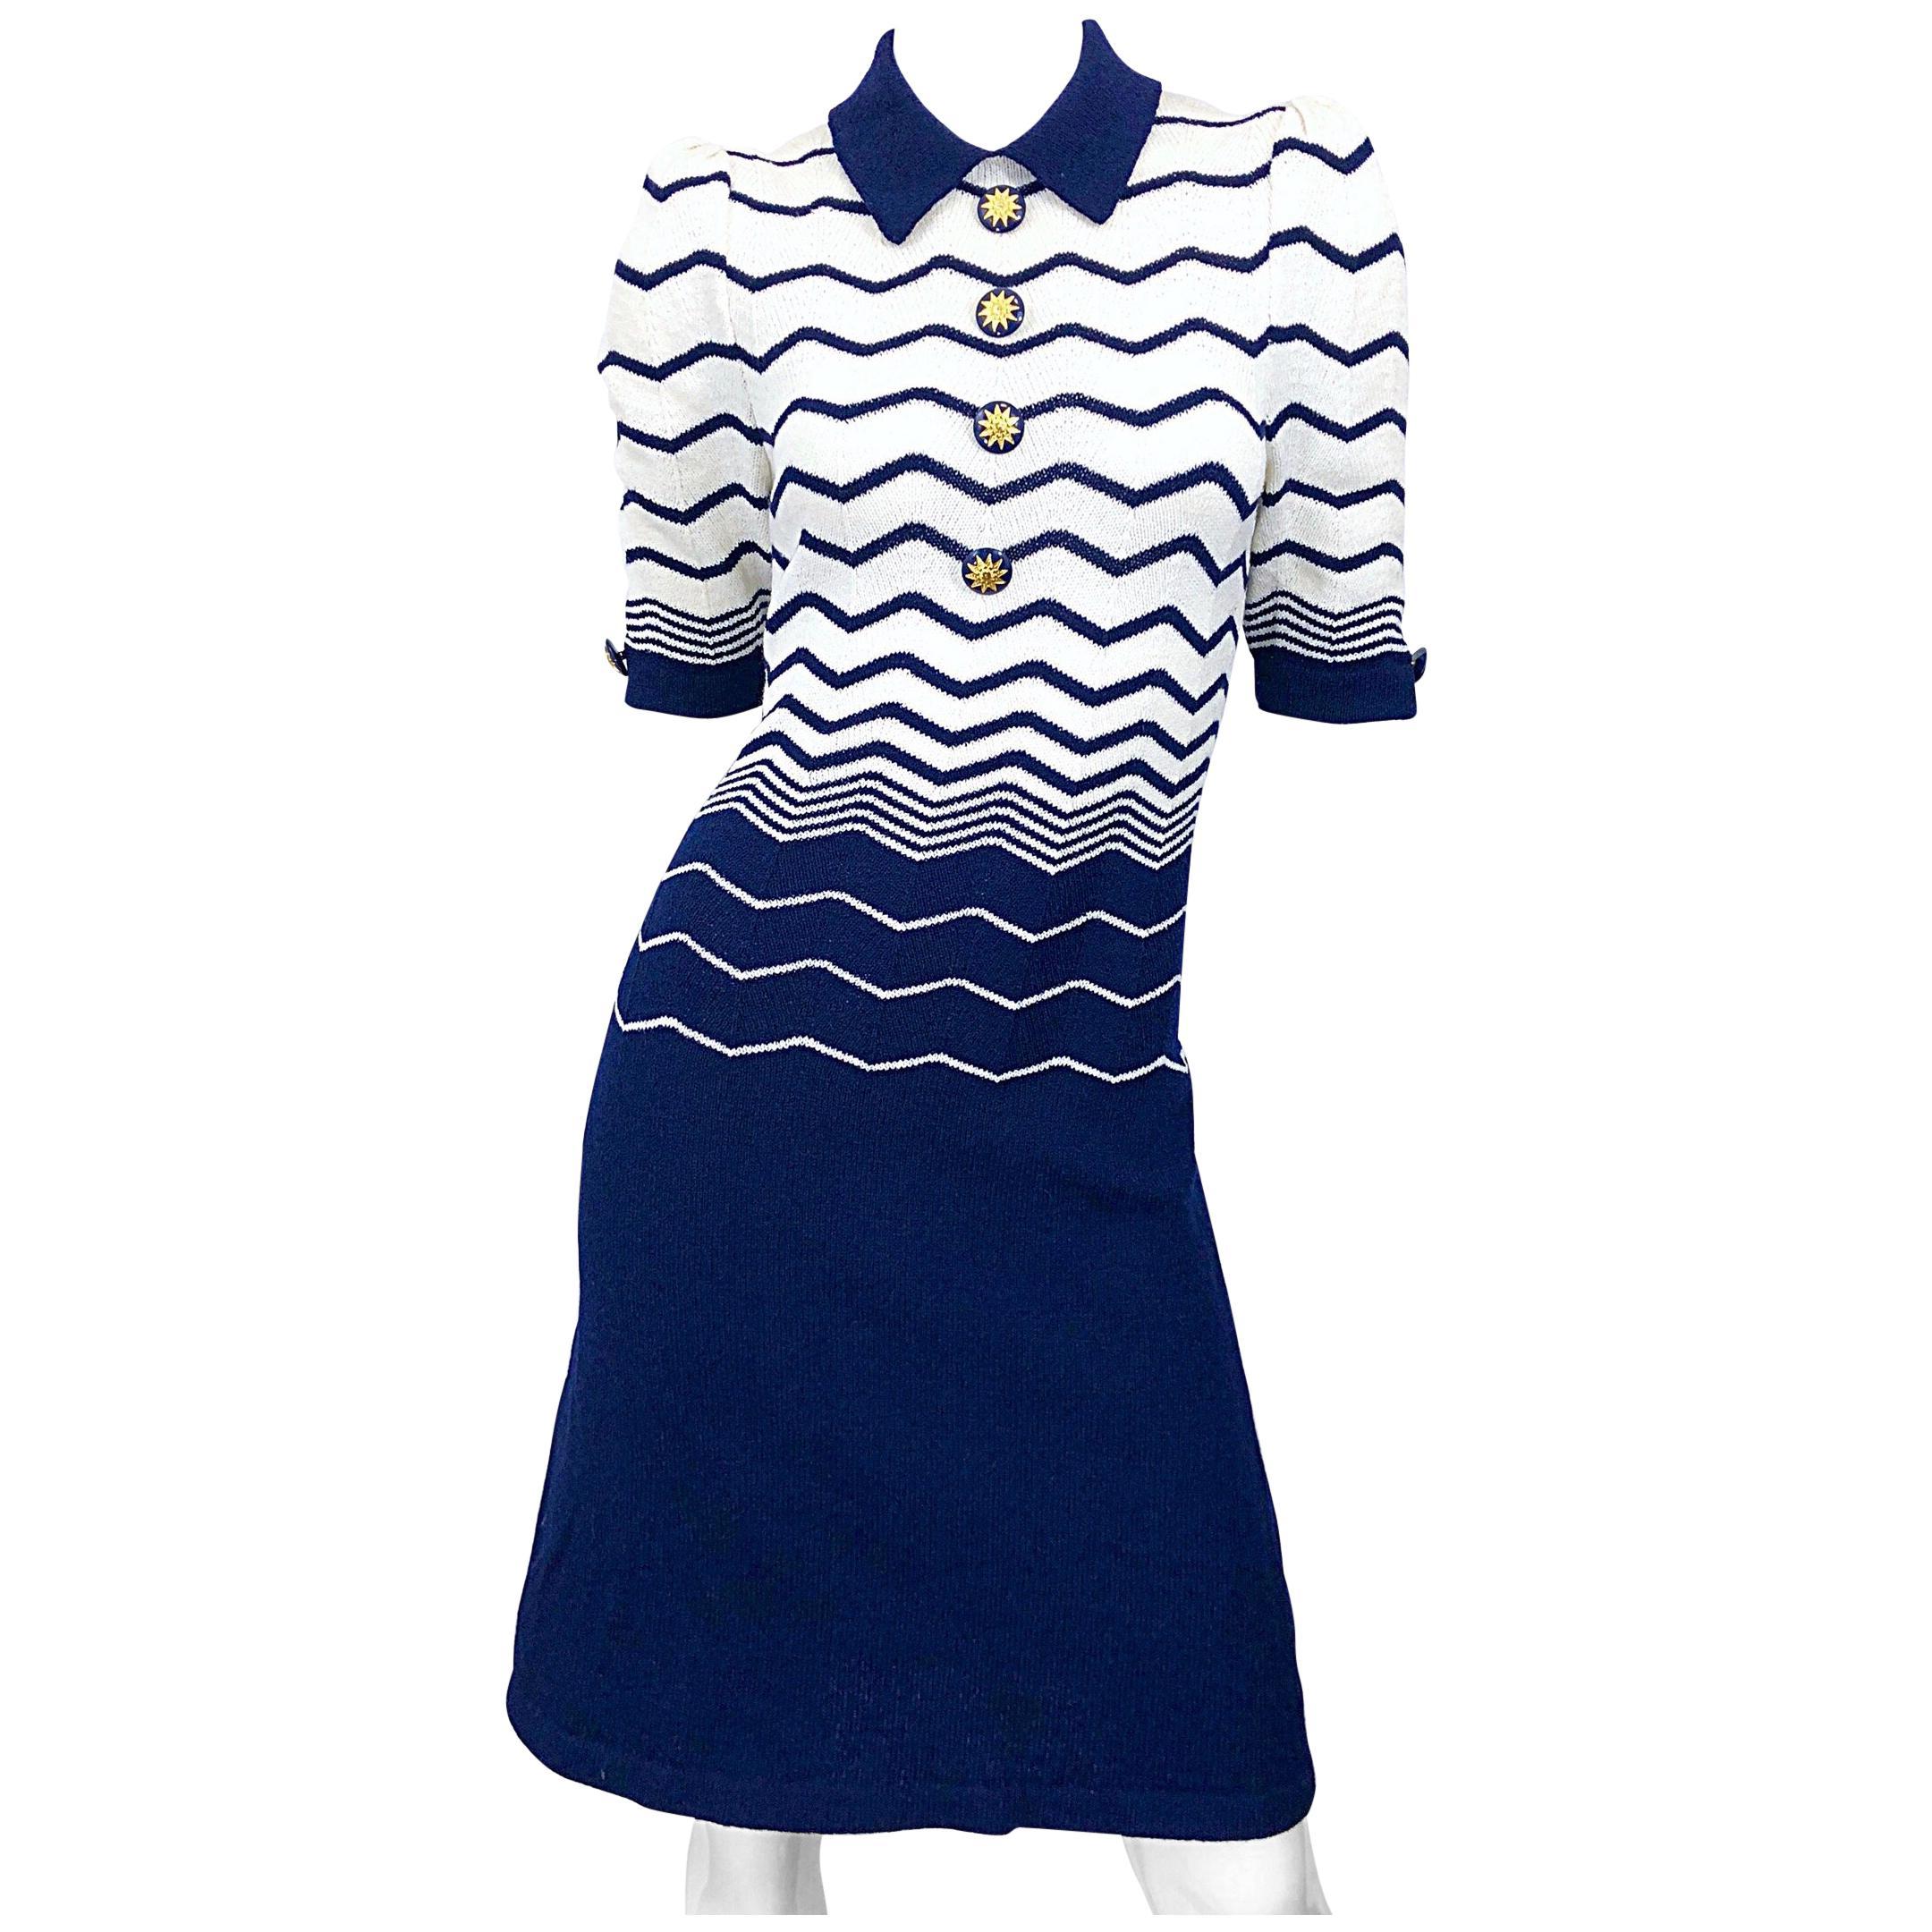 Chic Vintage 1980s Adolfo Navy Blue White Zig Zag Print Short Sleeve Knit Dress